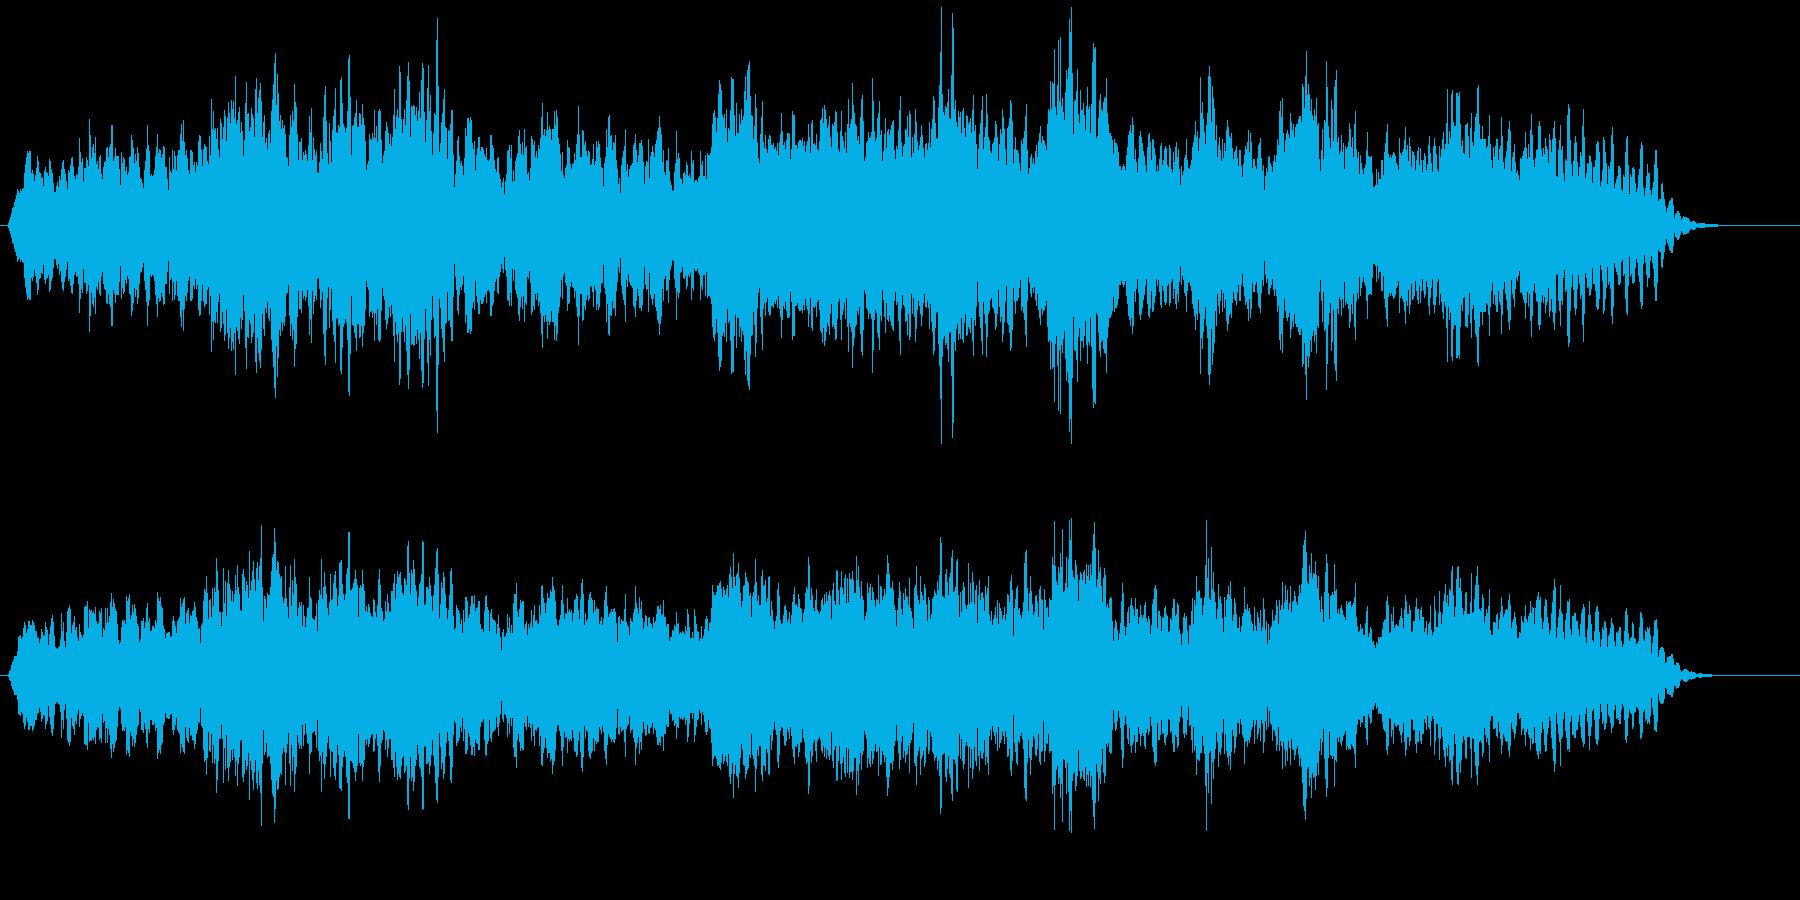 ストリングス系音色の不気味なBGMの再生済みの波形